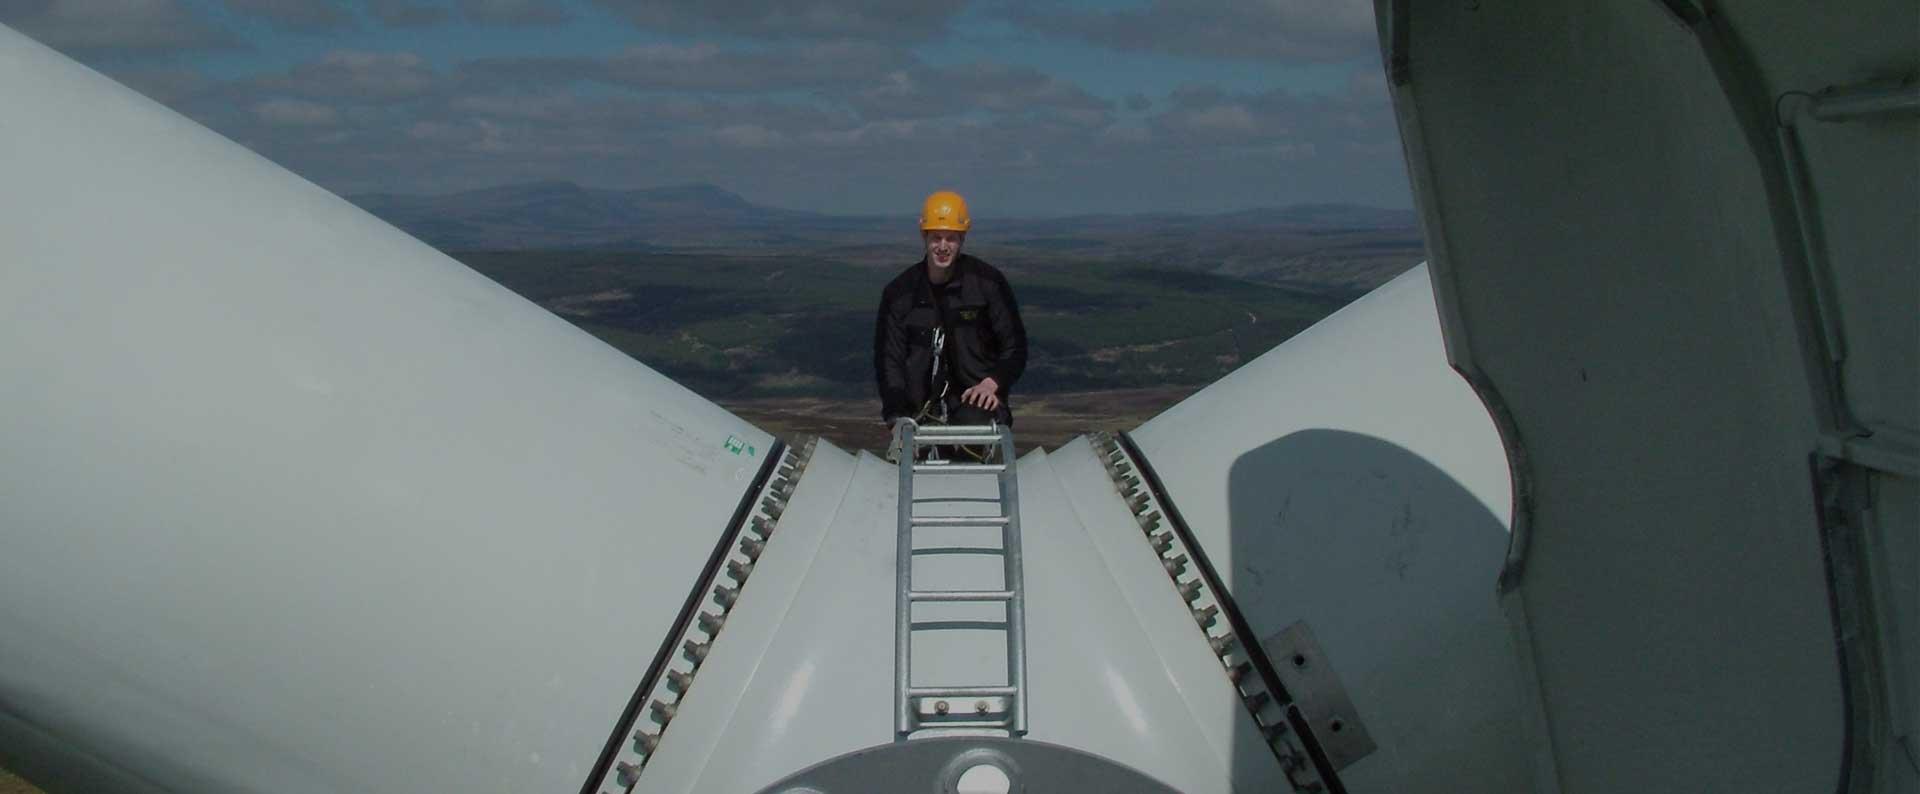 wind-turbine-30